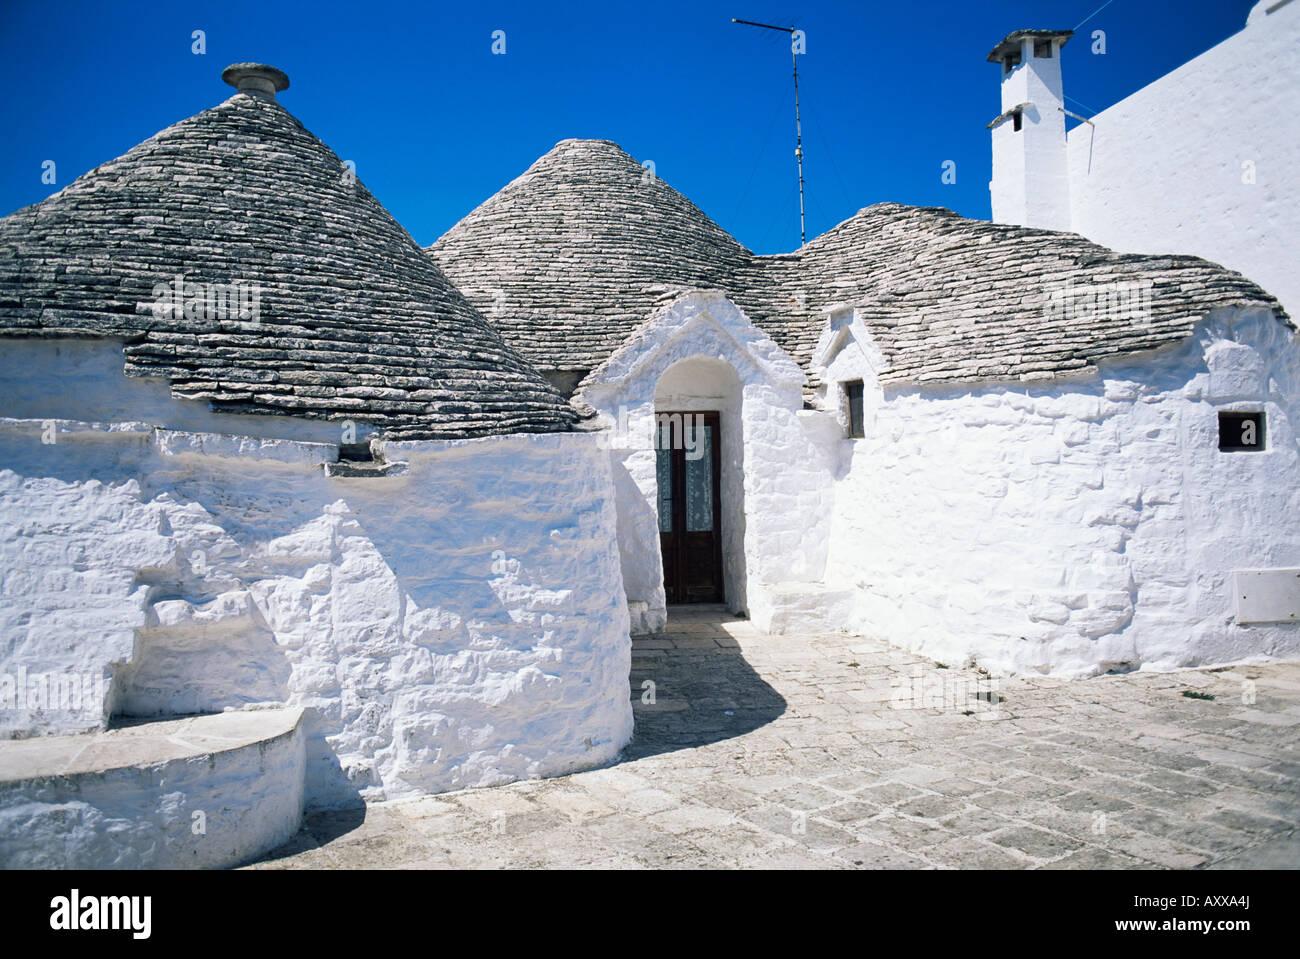 Trulli Alberobello Unesco World Heritage Site Puglia Italy